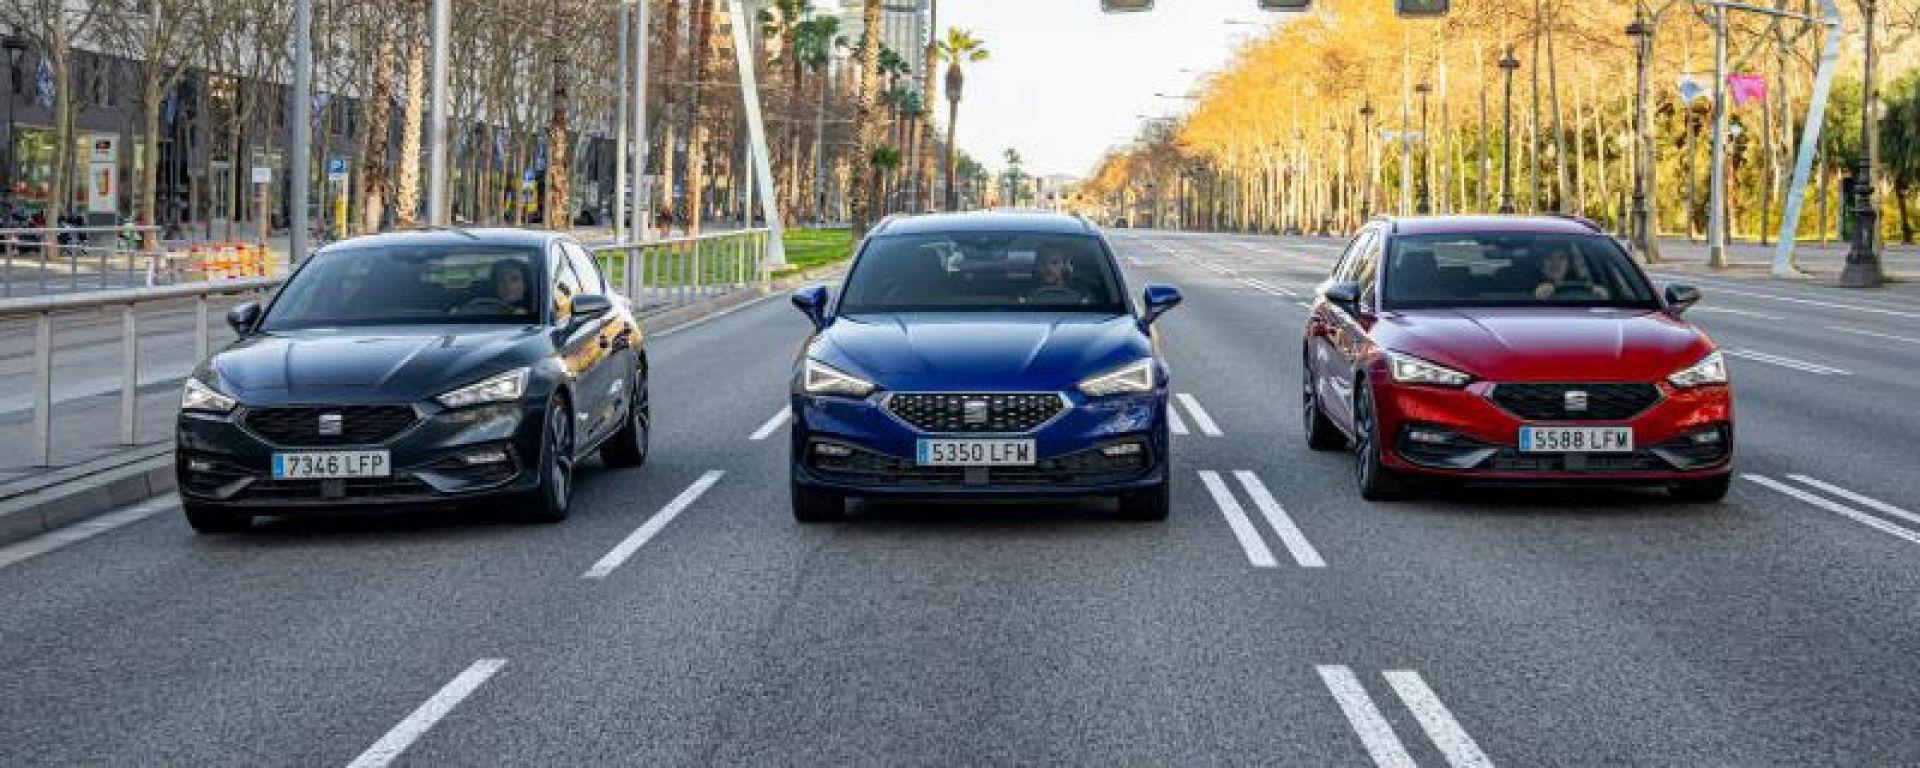 Seat Leon 2020: motori, allestimenti e prezzi. Quale scelgo?